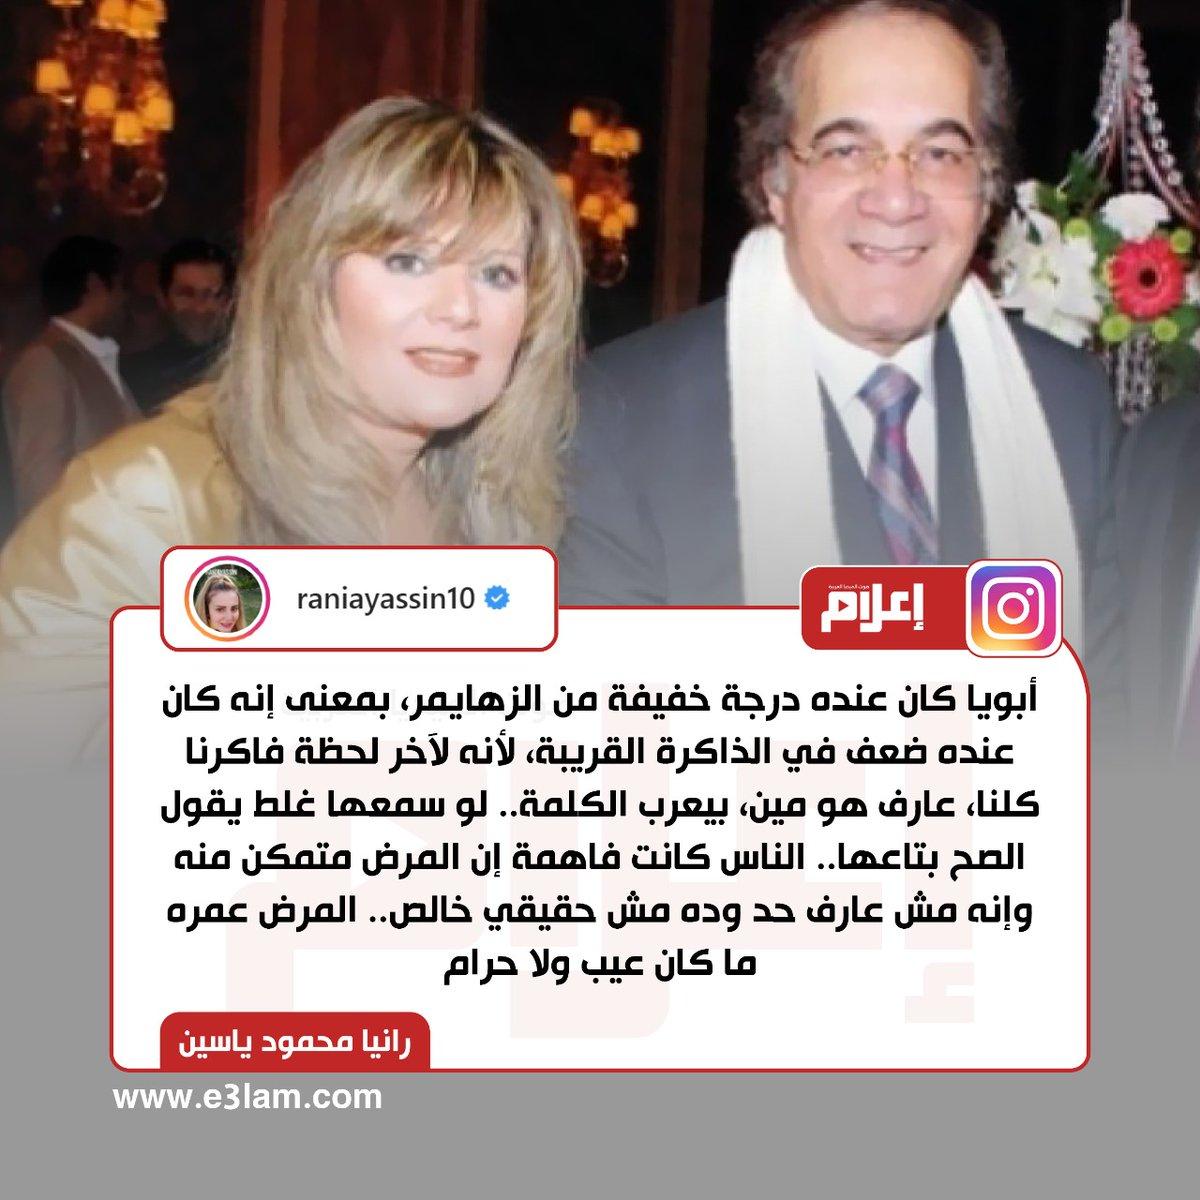 #رانيا_محمود_ياسين تحسم الجدل حول إصابة والدها بالزهايمر https://t.co/zrv5ziPWGx